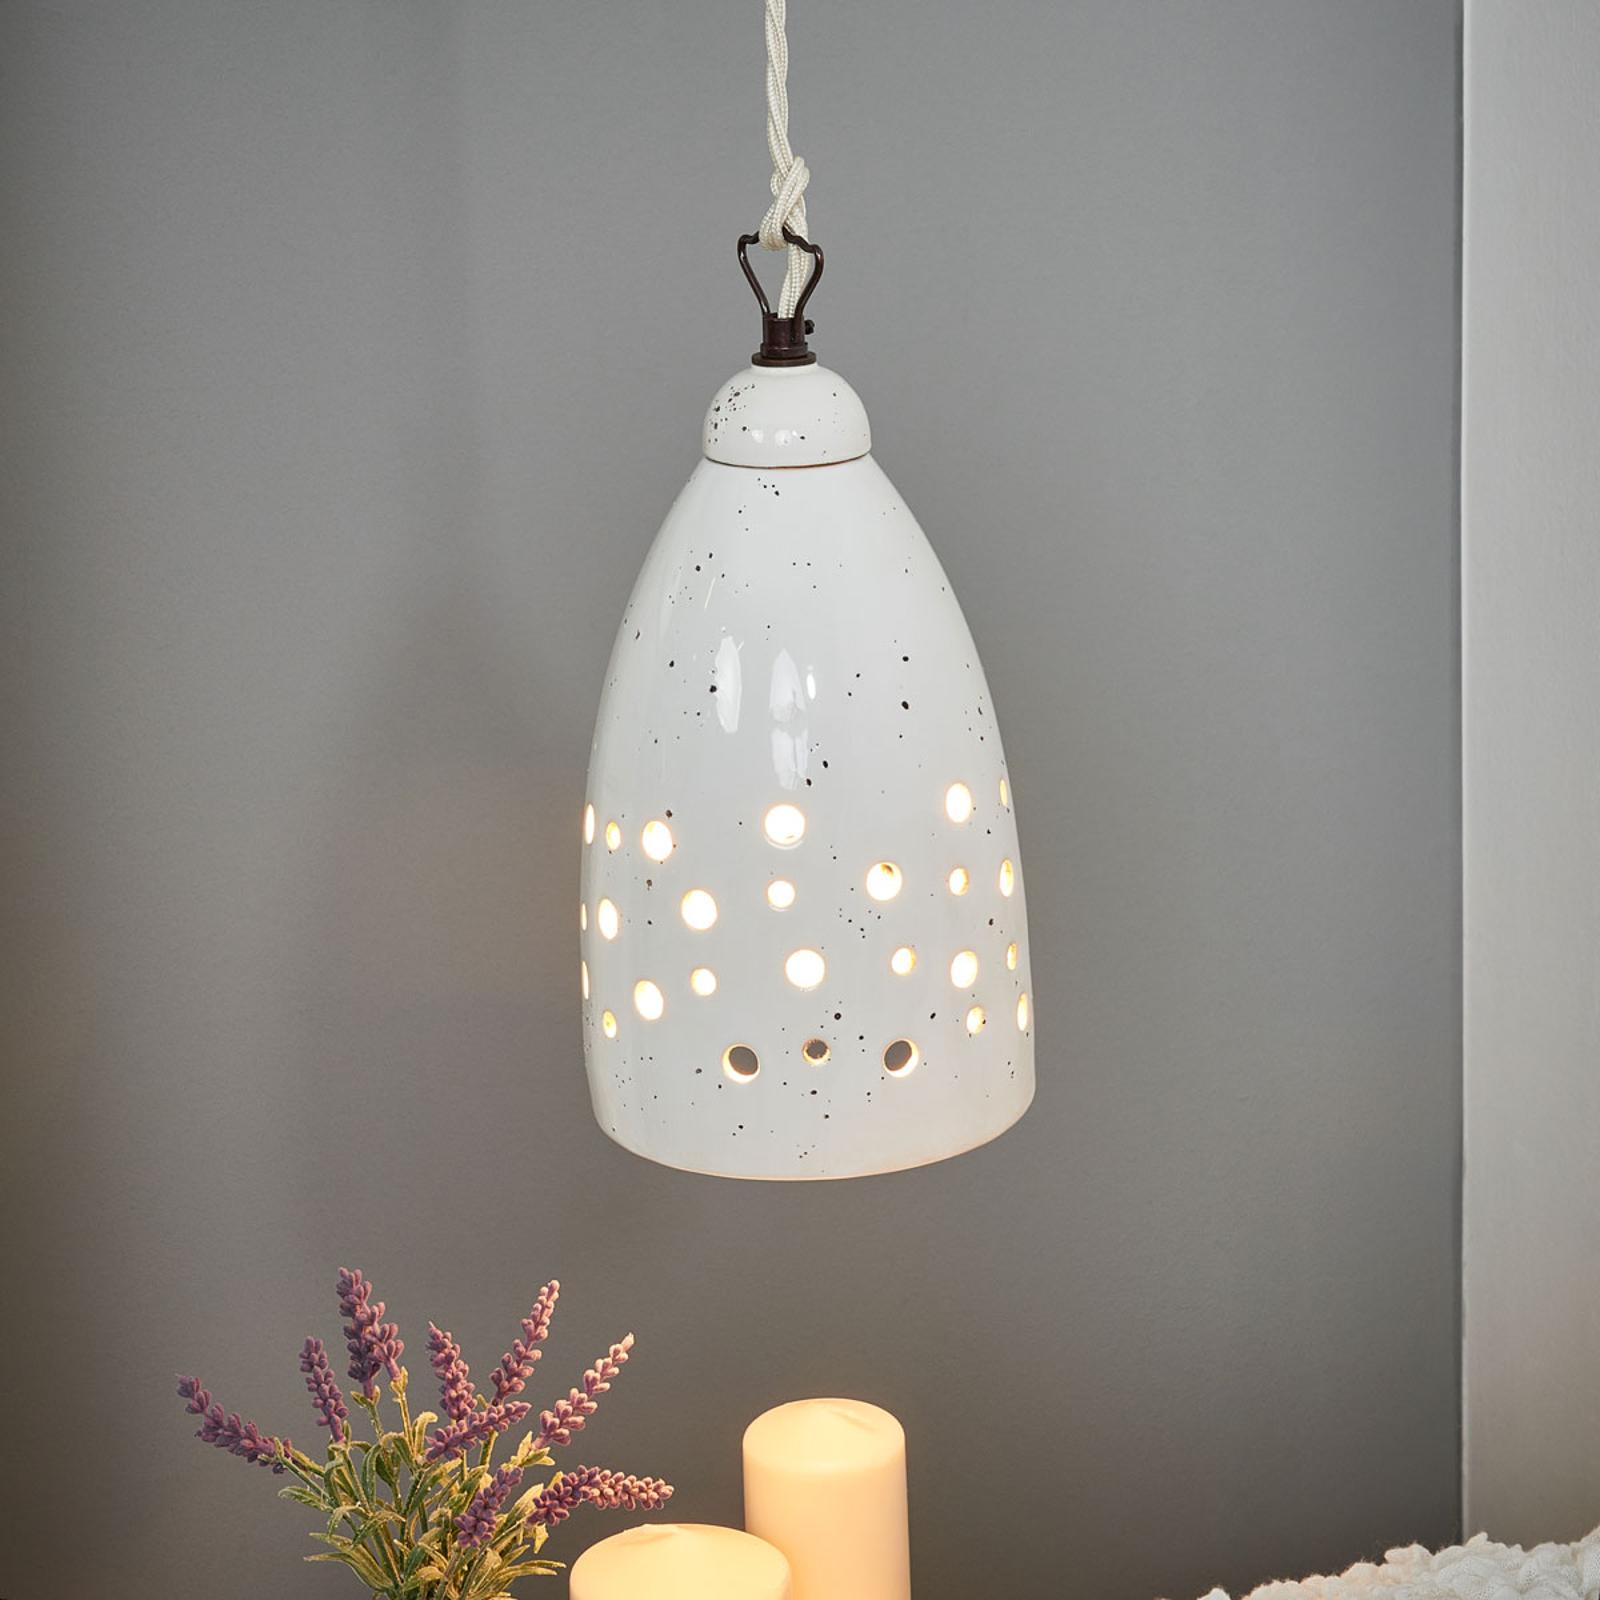 Dolů svítící závěsné světlo Gisella - keramika